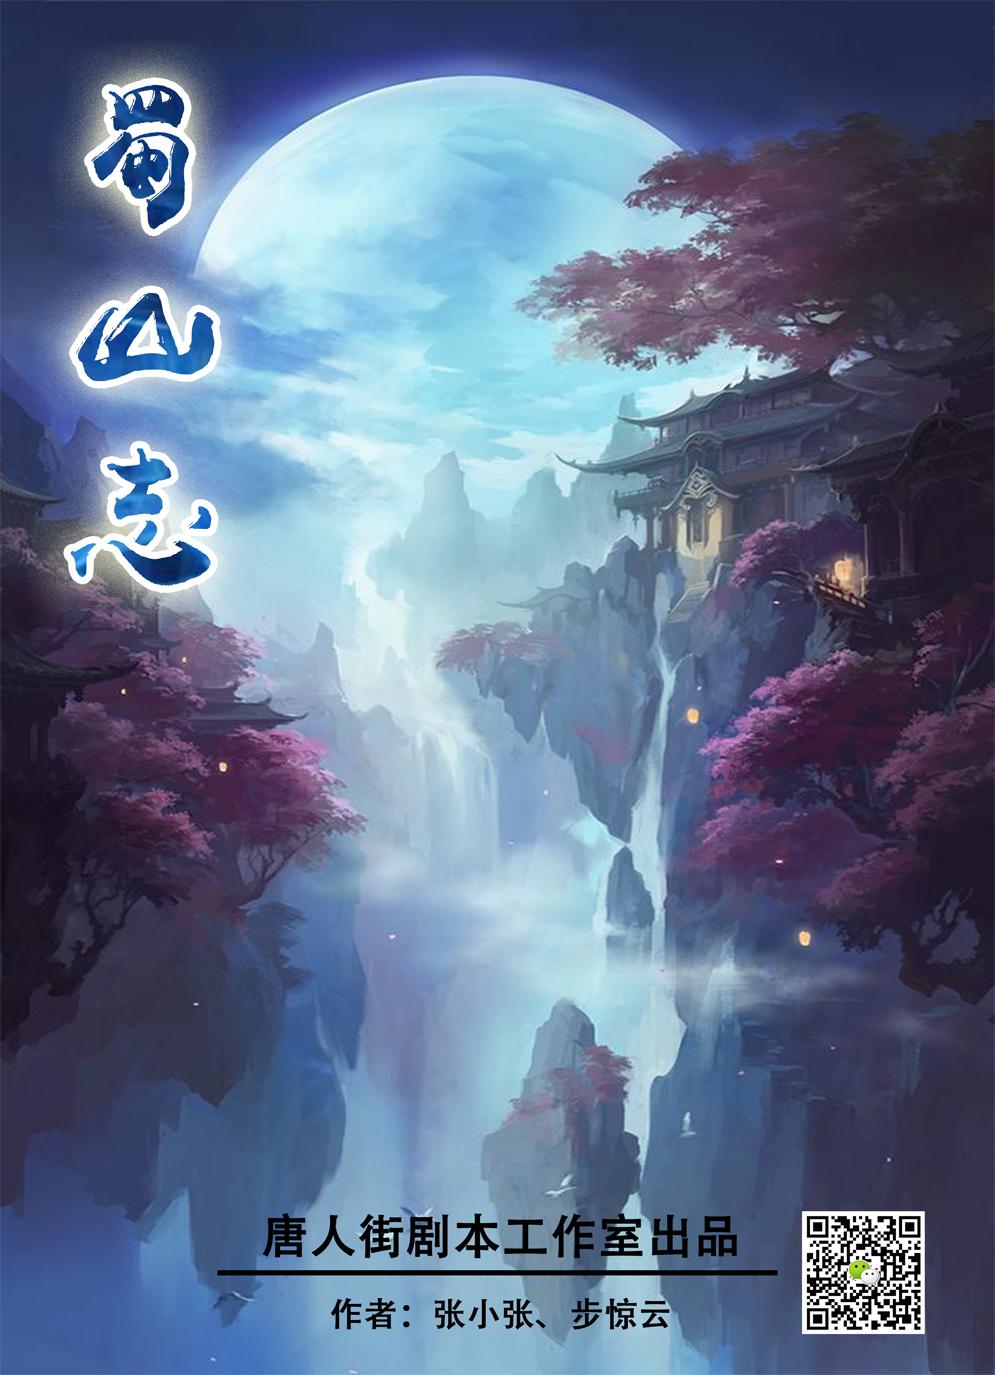 『蜀山志』剧本杀复盘_答案_推凶线索_真相解析